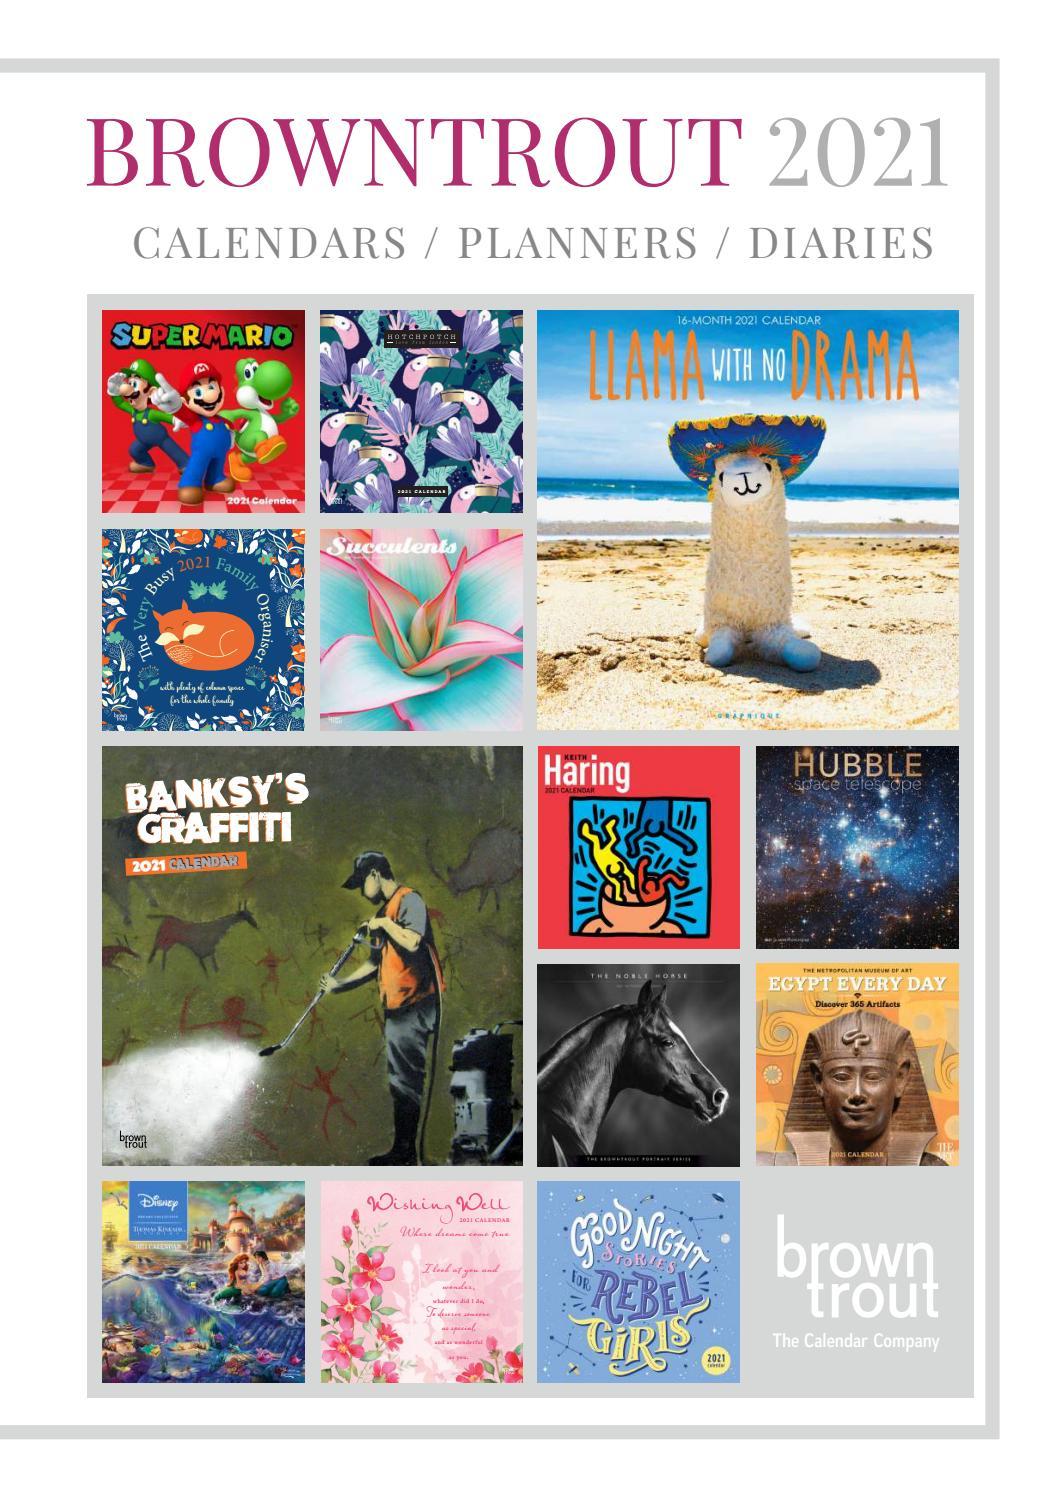 Browntrout Publishers Ltd Uk 2021 Calendar Catalogue